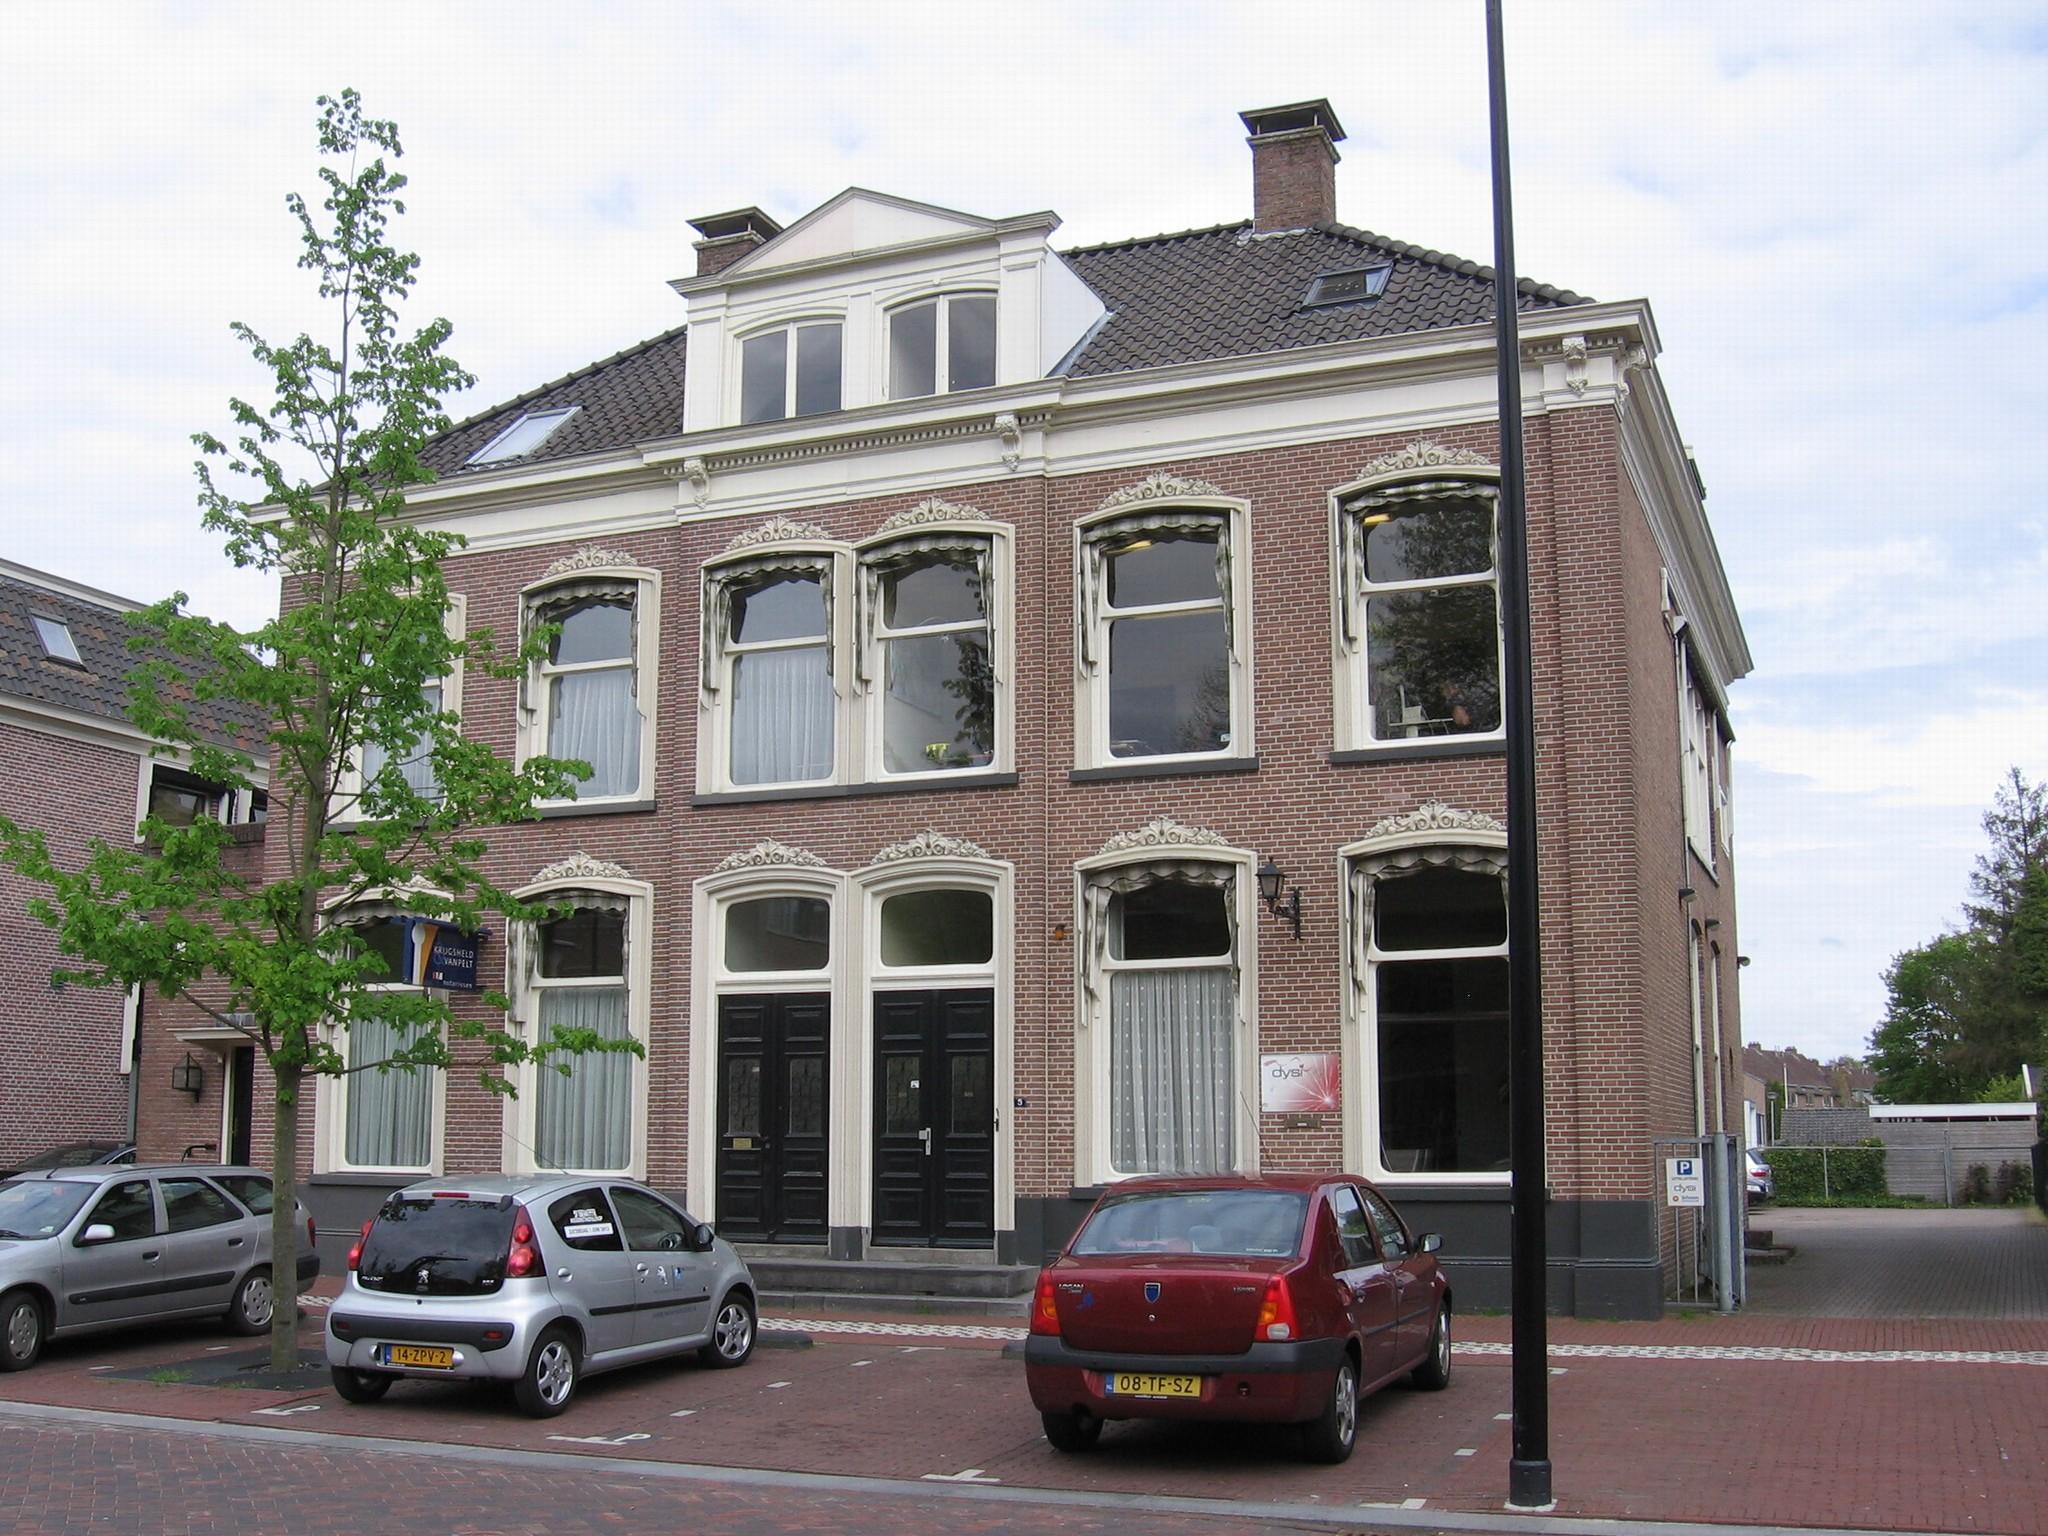 Kantoor Huren Amsterdam : Goedkoop kantoor huren amsterdam kantoor huren